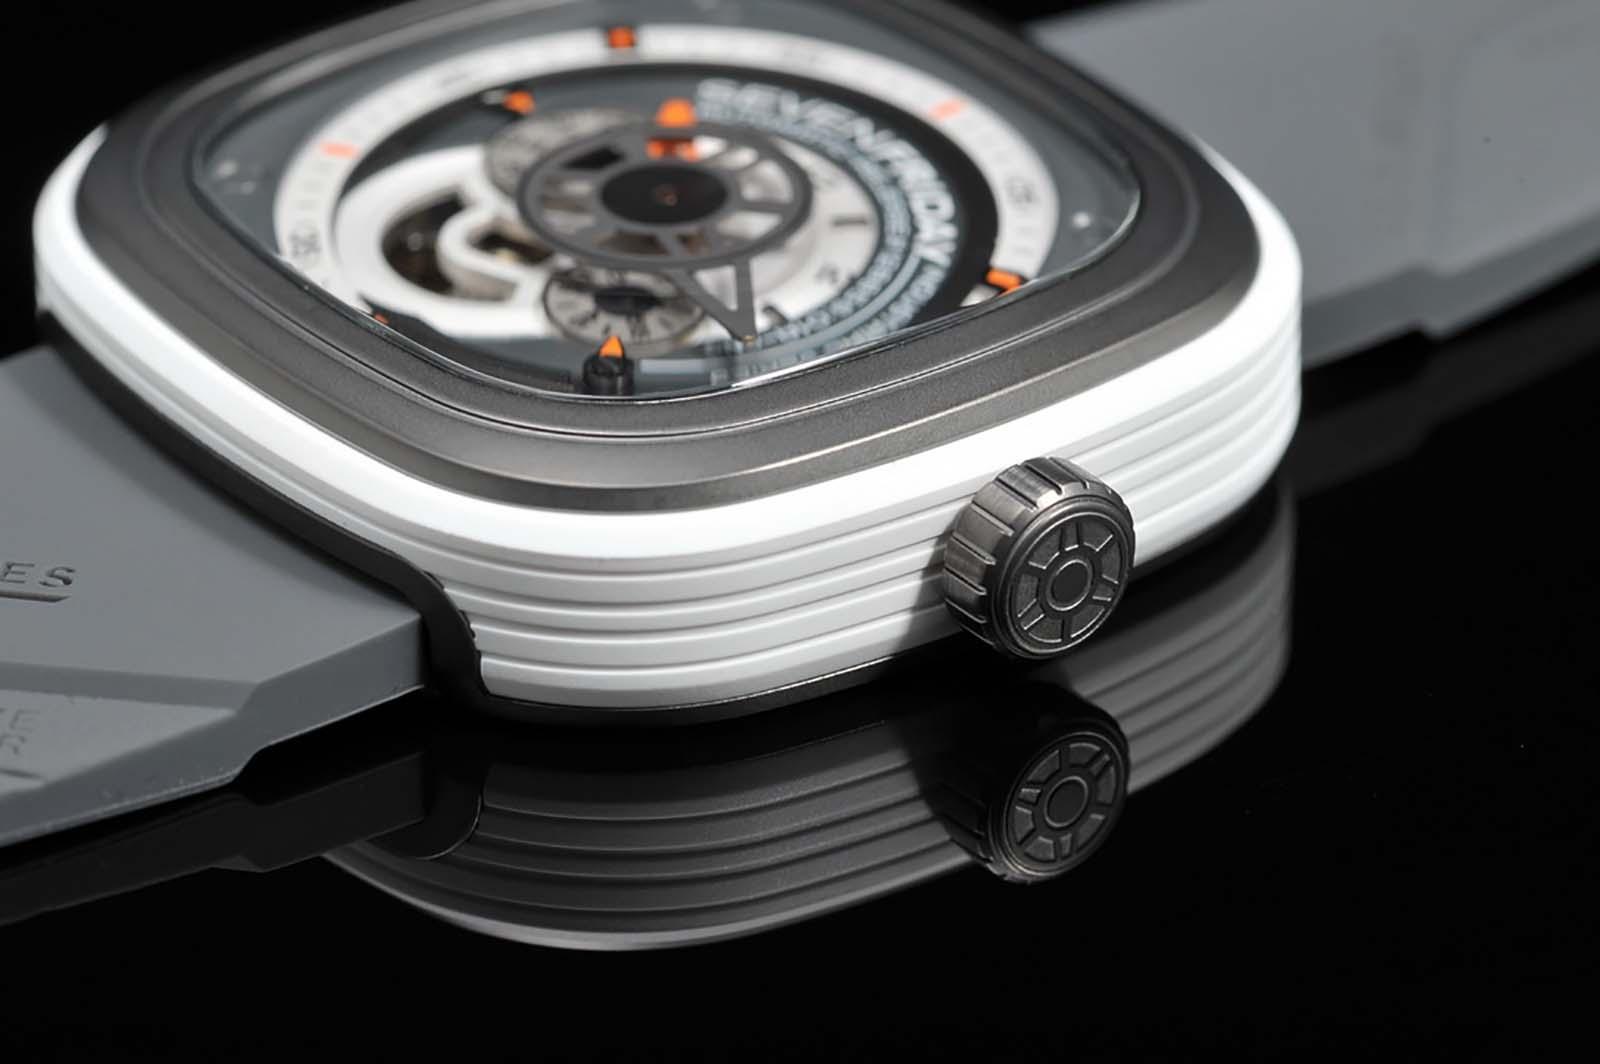 SEVENFRIDAY P3-3 Black - Industrial Engines Machtwatch